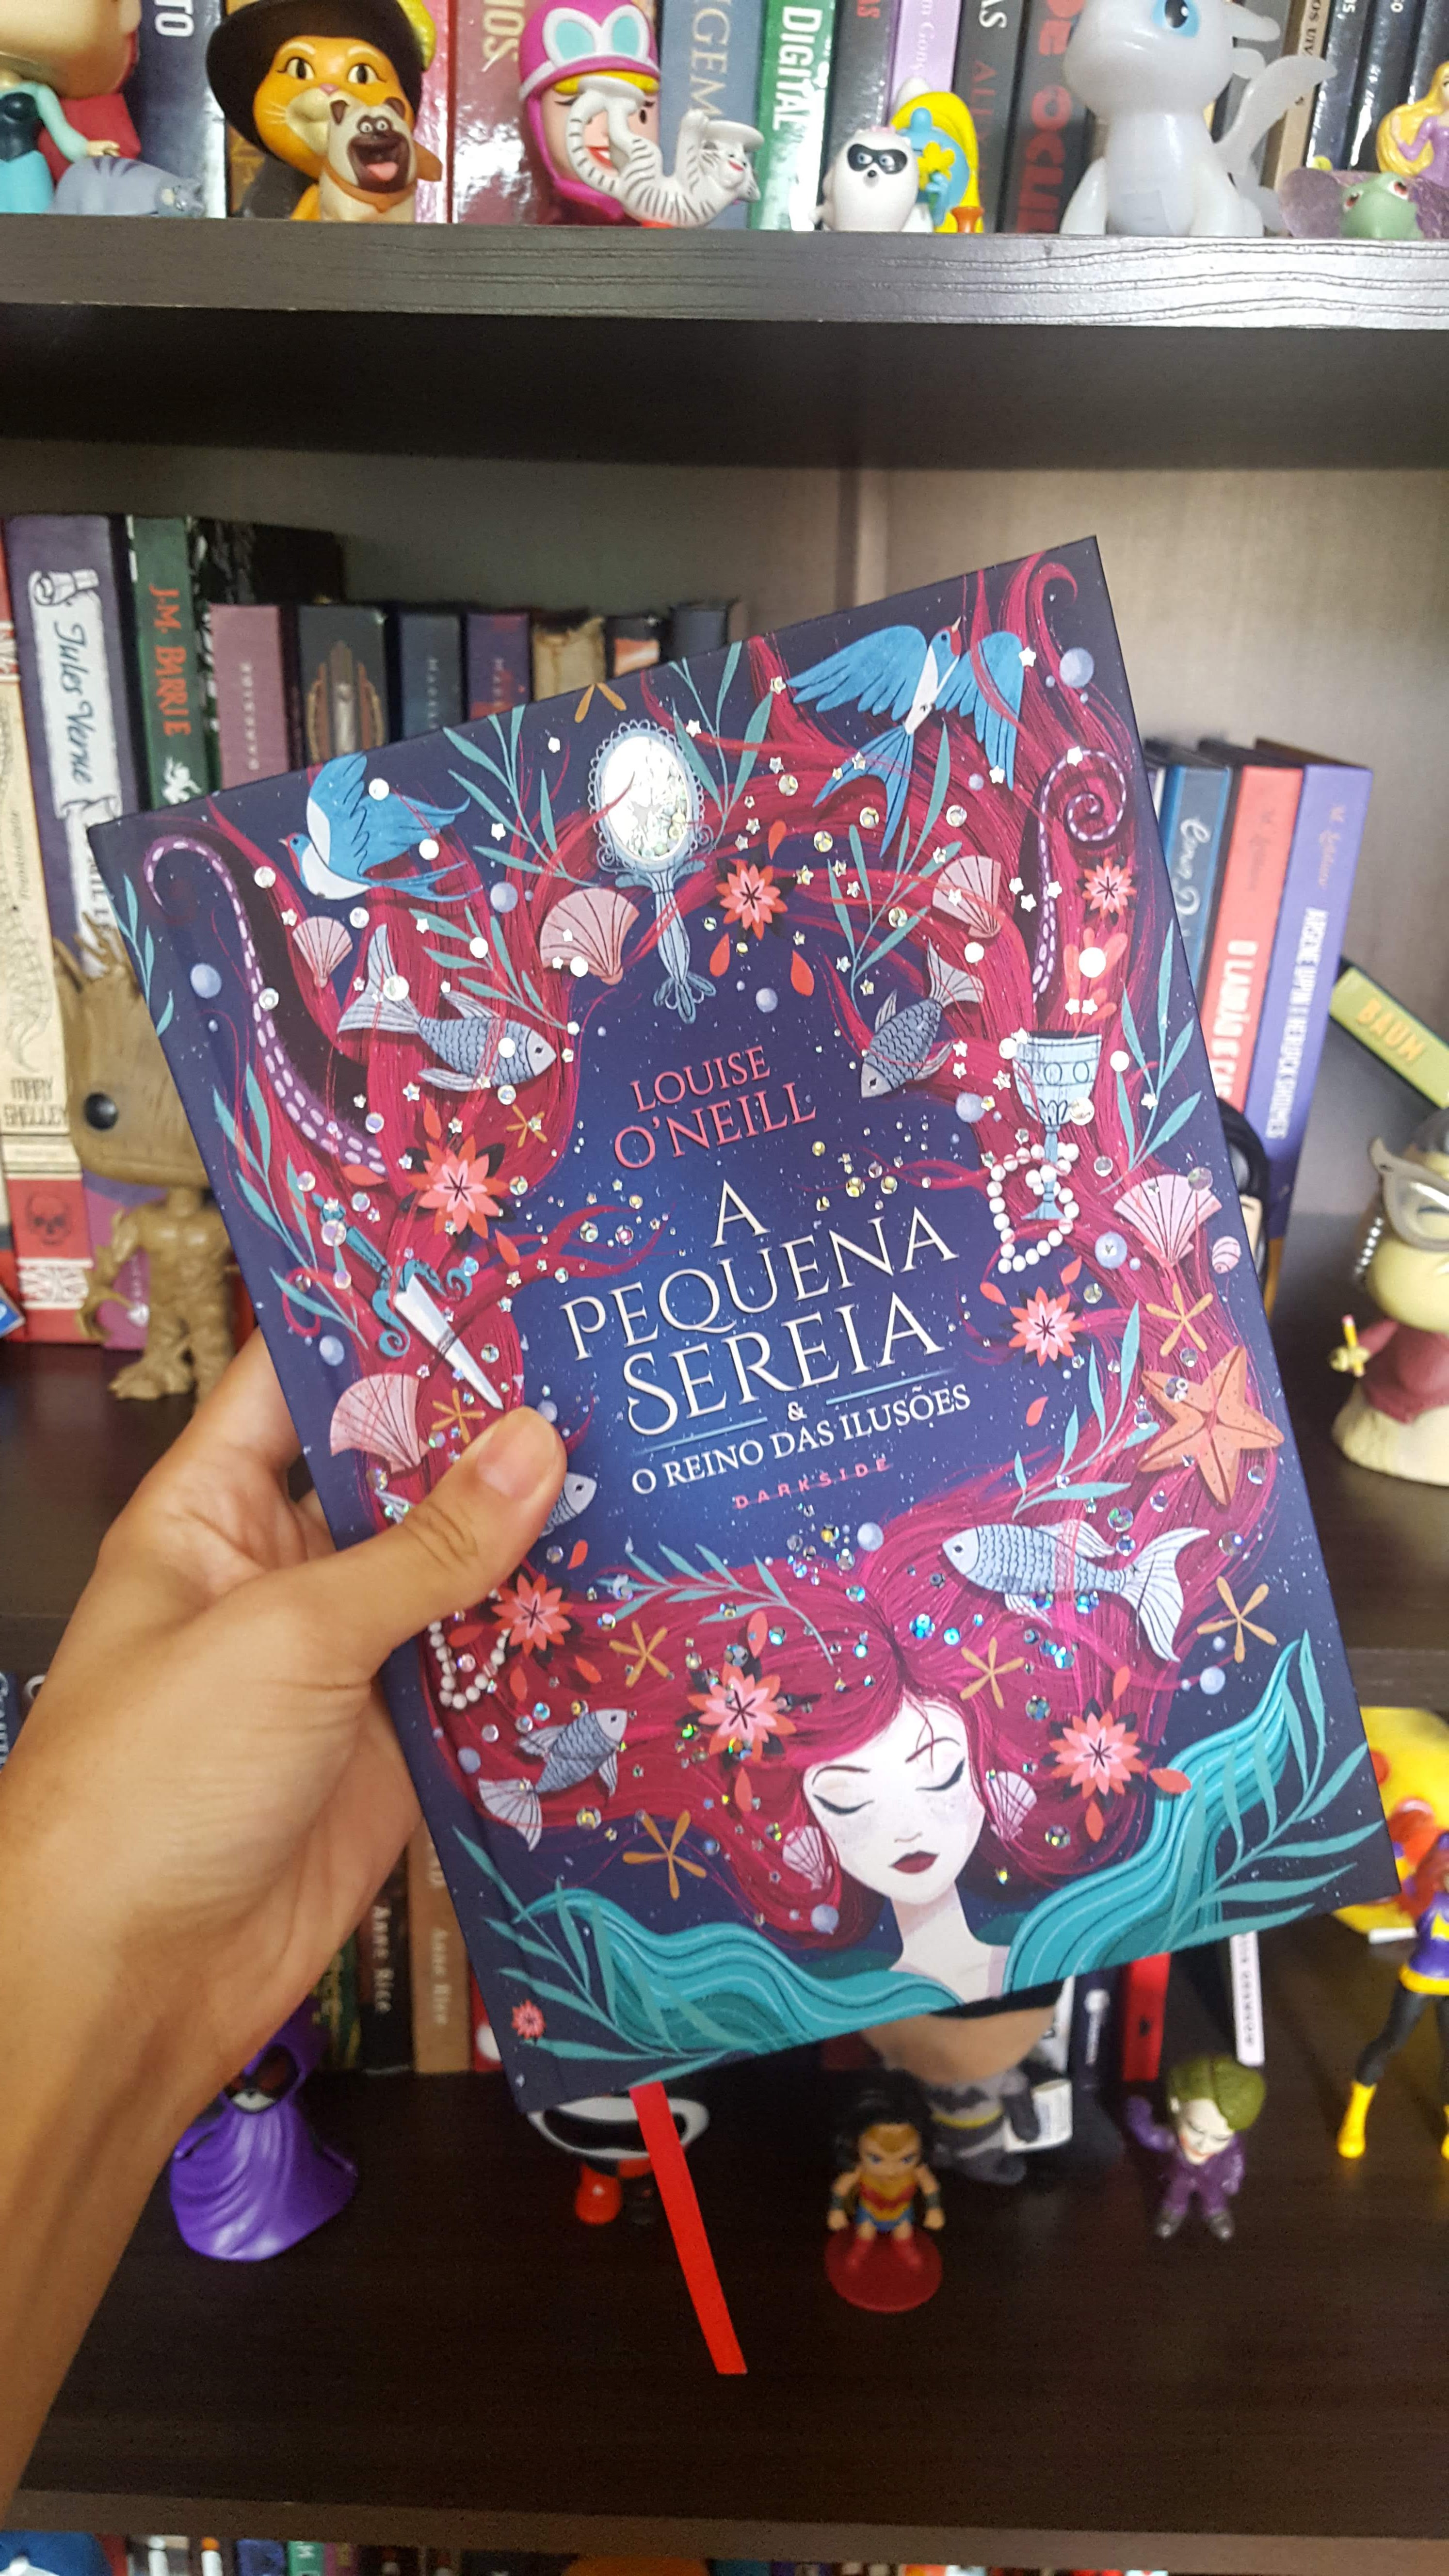 A pequena sereia e o reino das ilusões | Louise O'Neill